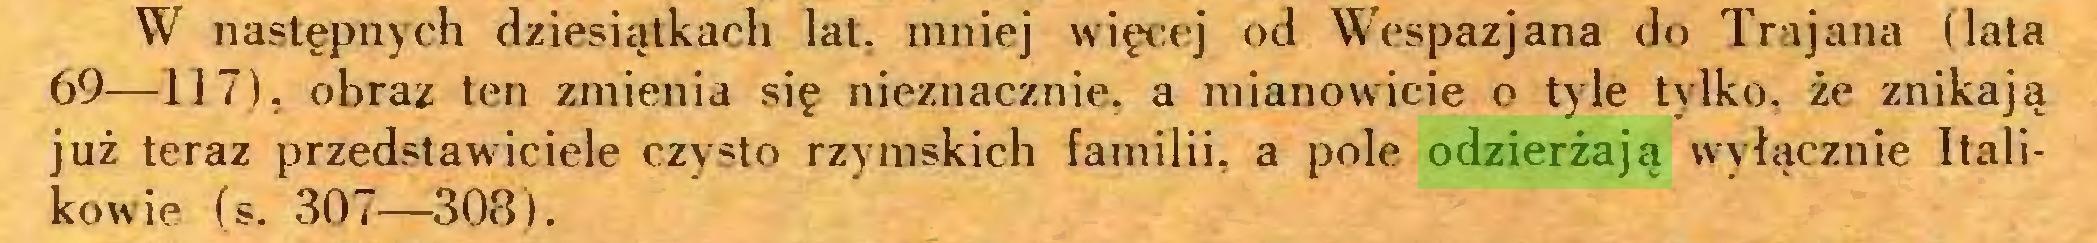 (...) W następnych dziesiątkach lat. mniej więcej od Wespazjana do Trajana (lata 69—117), obraz ten zmienia się nieznacznie, a mianowicie o tyle tylko, że znikają już teraz przedstawiciele czysto rzymskich familii, a pole odzierżają wyłącznie Halikowie (s. 307—308 )...